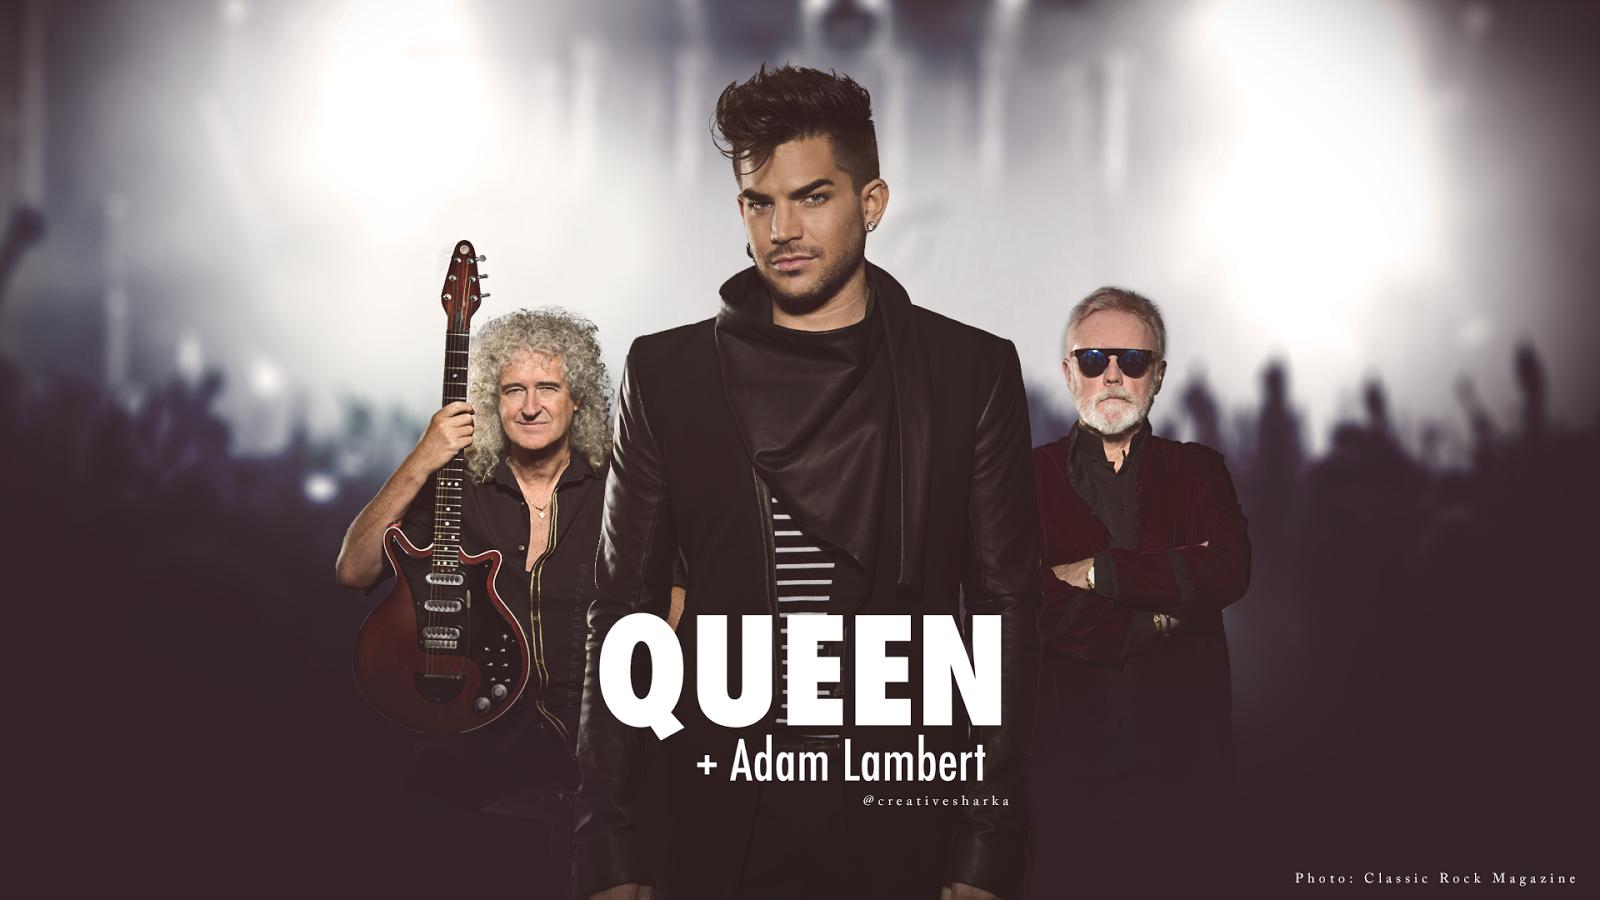 57 Wallpaper Adam Lambert Queen By Creativesharka Apte News From Billboard American Idol